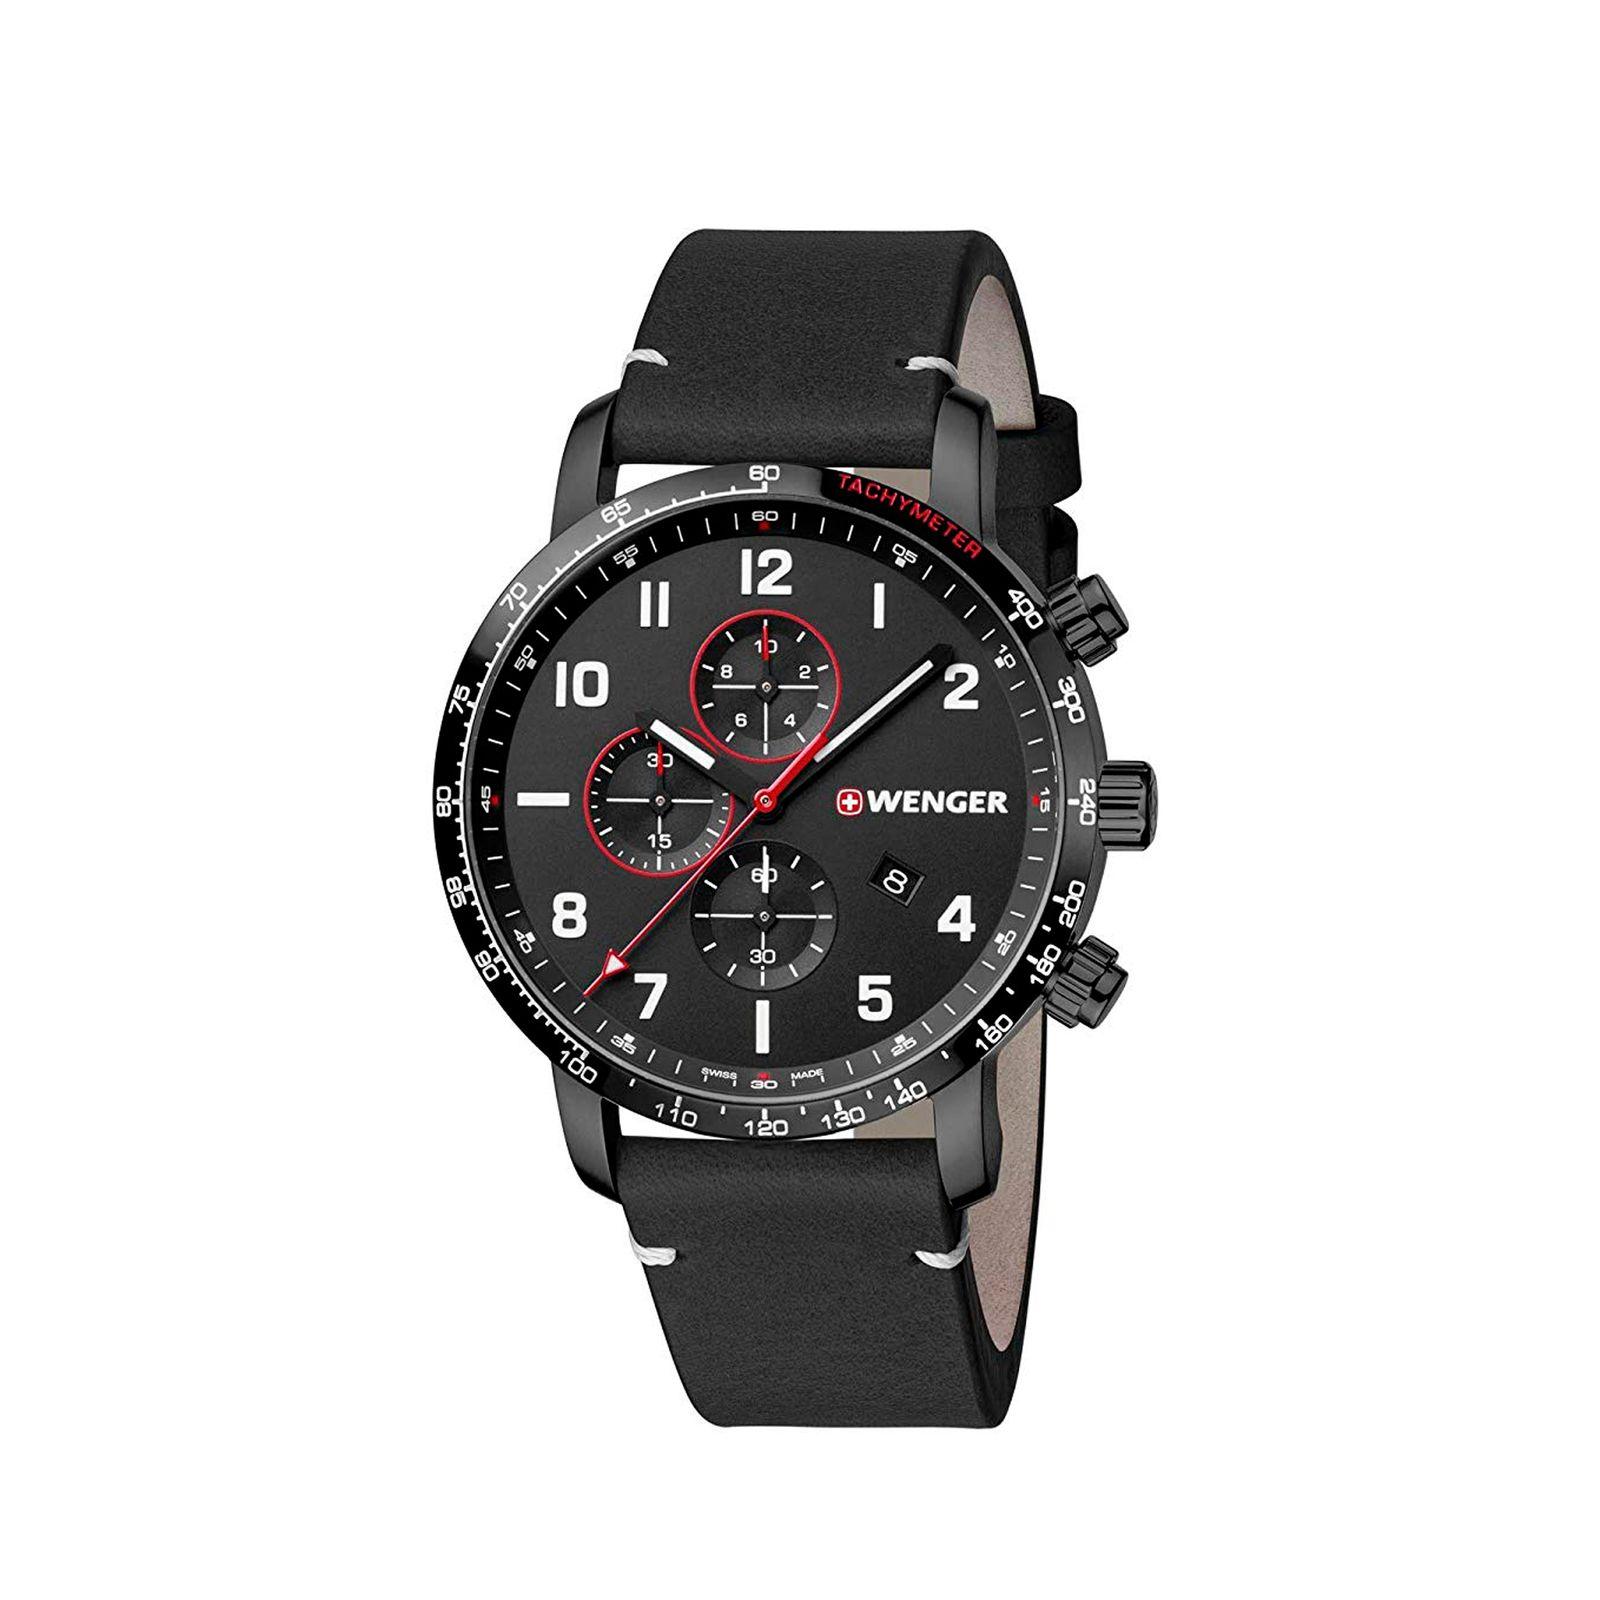 ساعت مچی عقربه ای مردانه ونگر مدل 01.1543.106 -  - 4